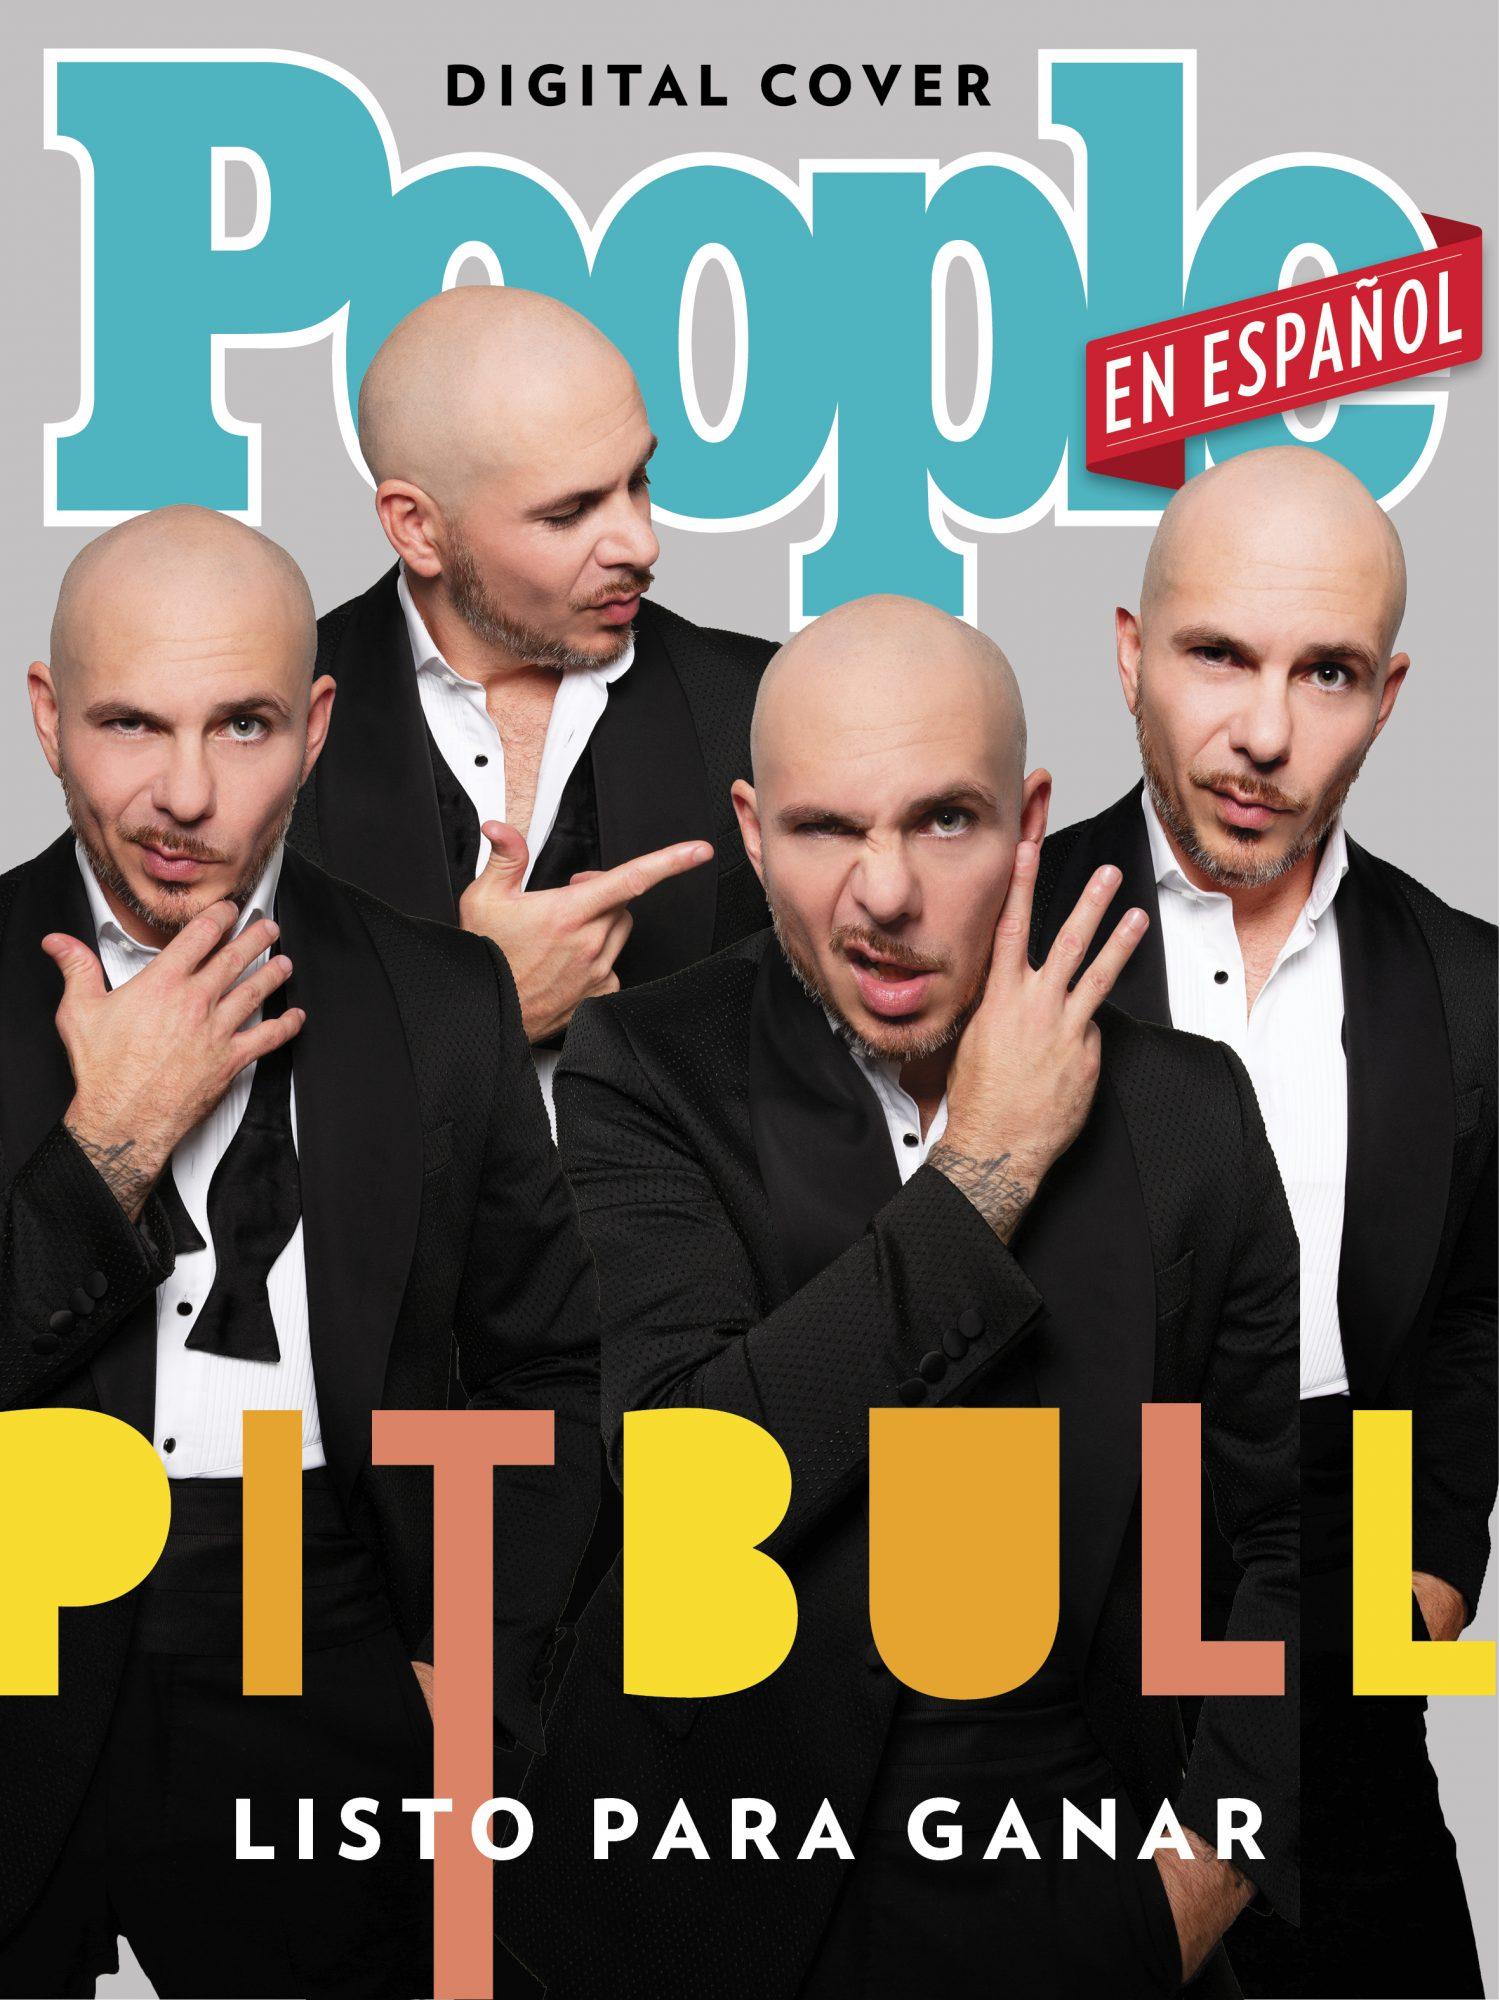 Pitbull (DO NOT REUSE)